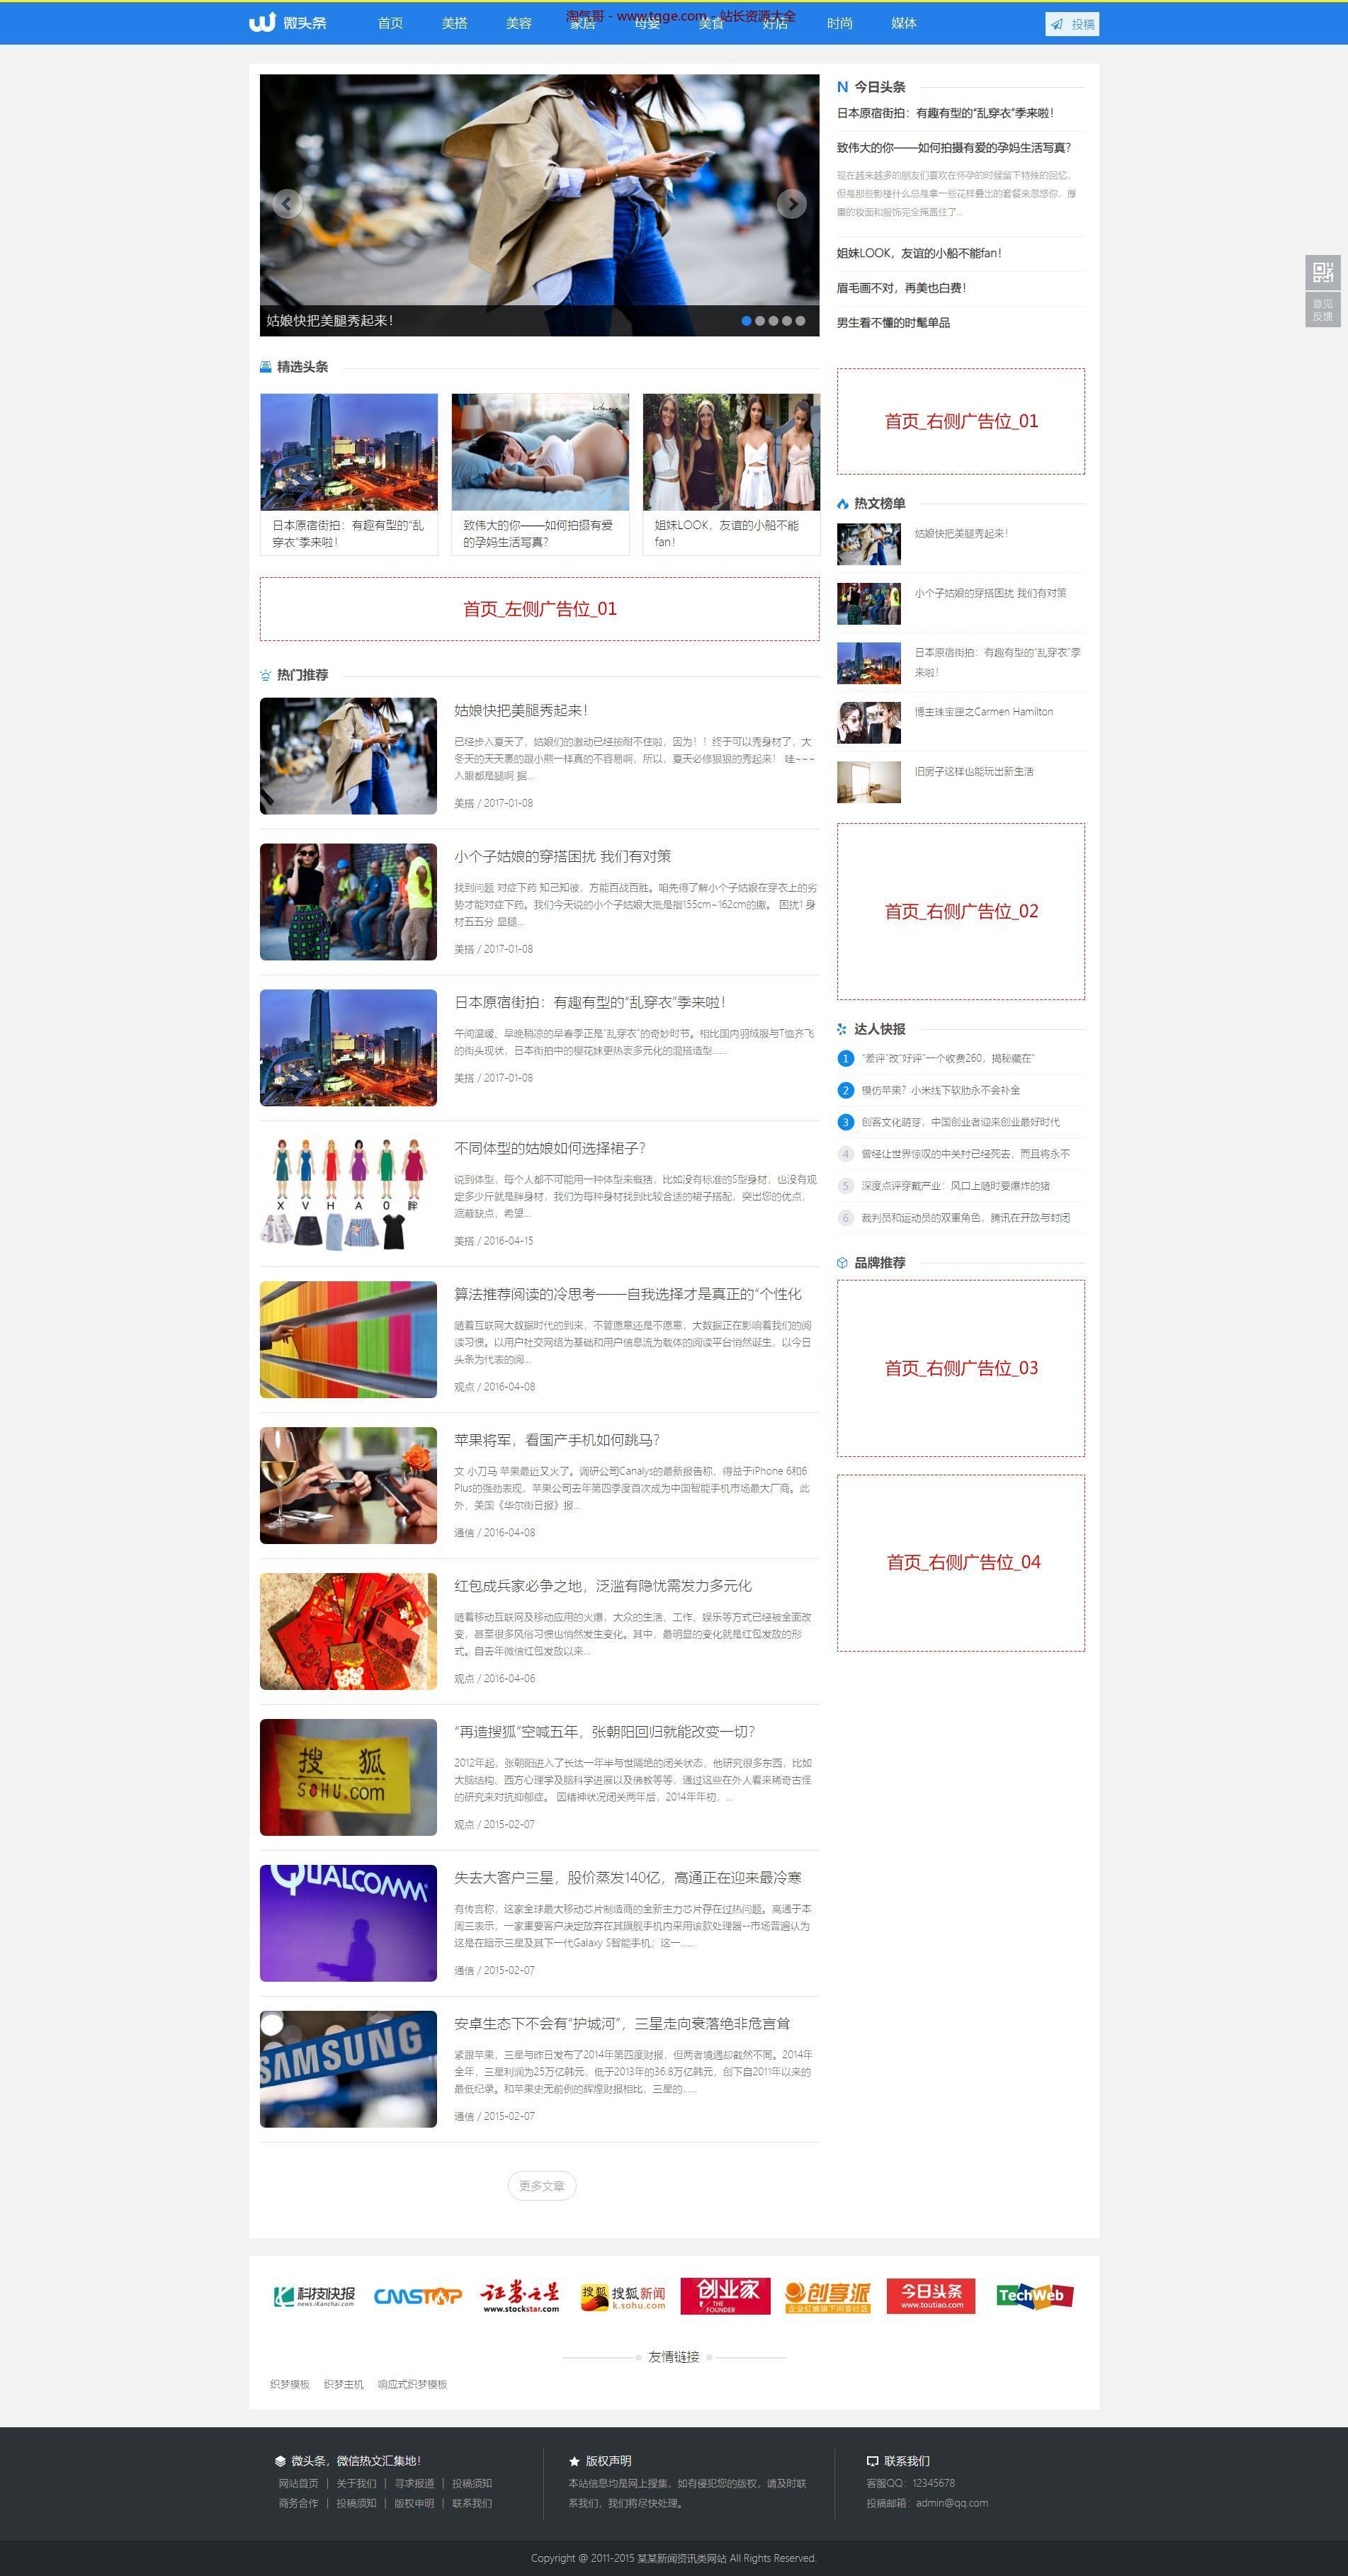 织梦cms 新闻报道blog自媒体平台今日头条网站源码(带手机版)可文章投稿 博客 | 新闻 | 小说 第1张